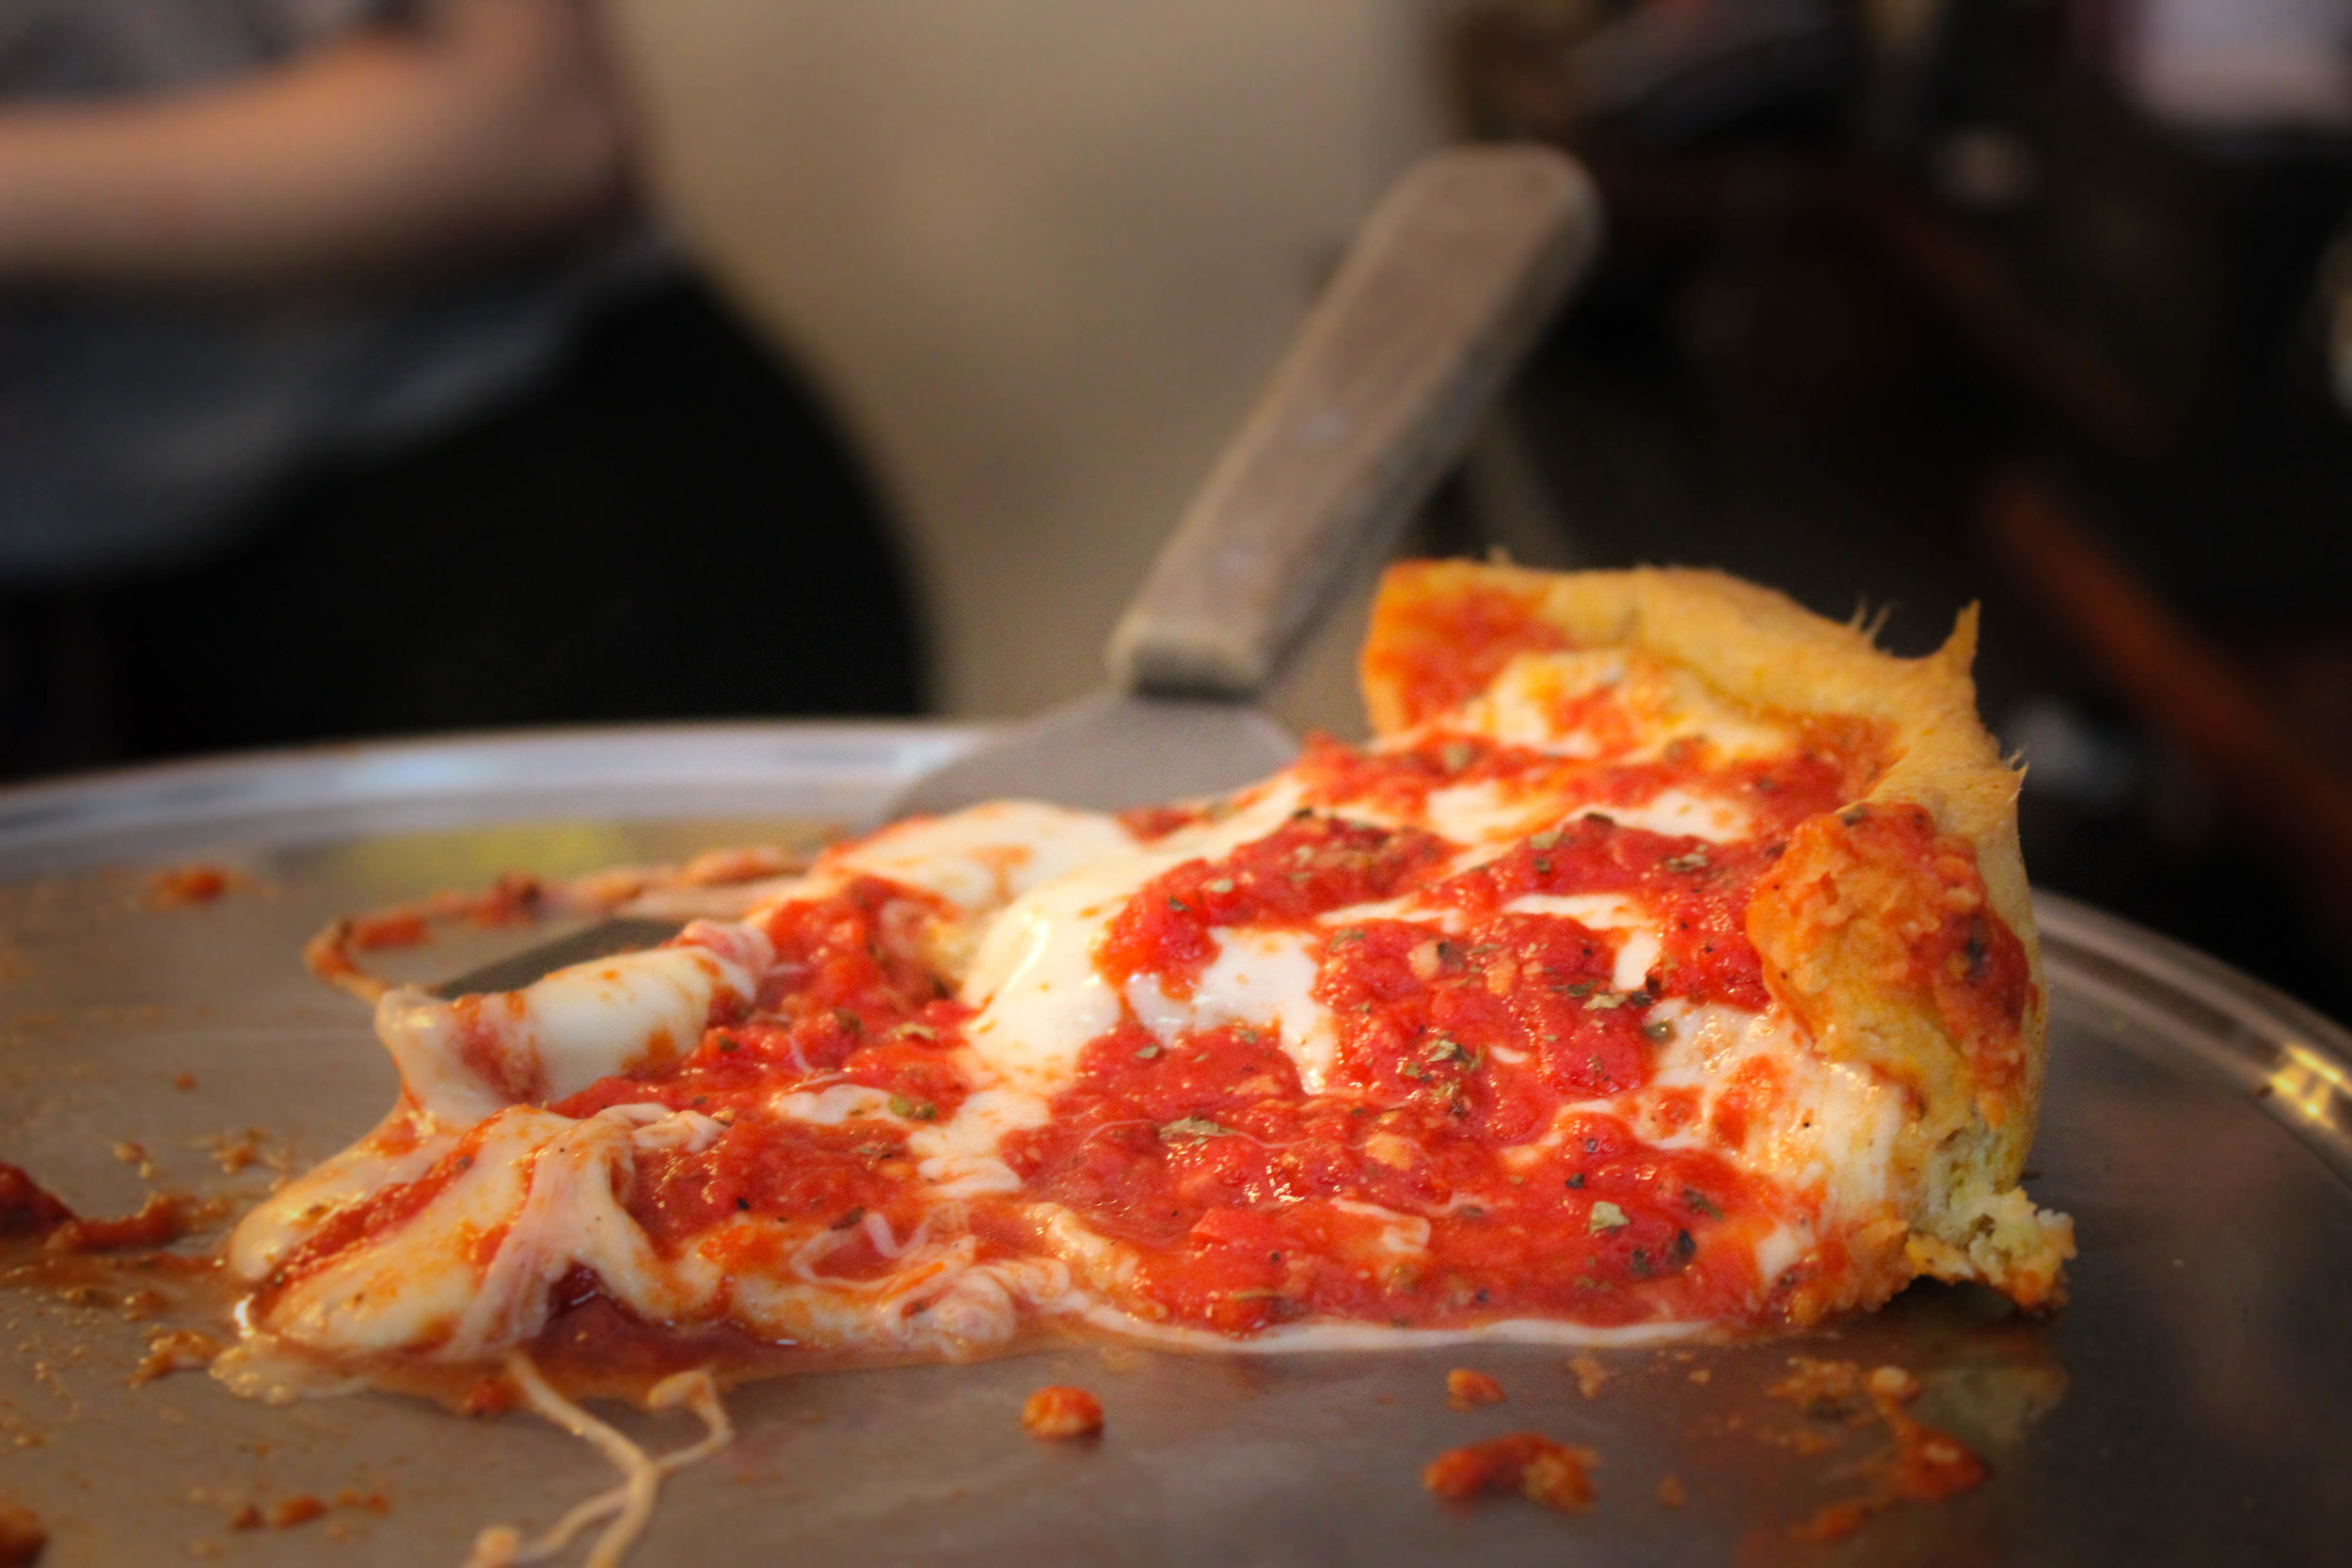 Emmett's Pizza